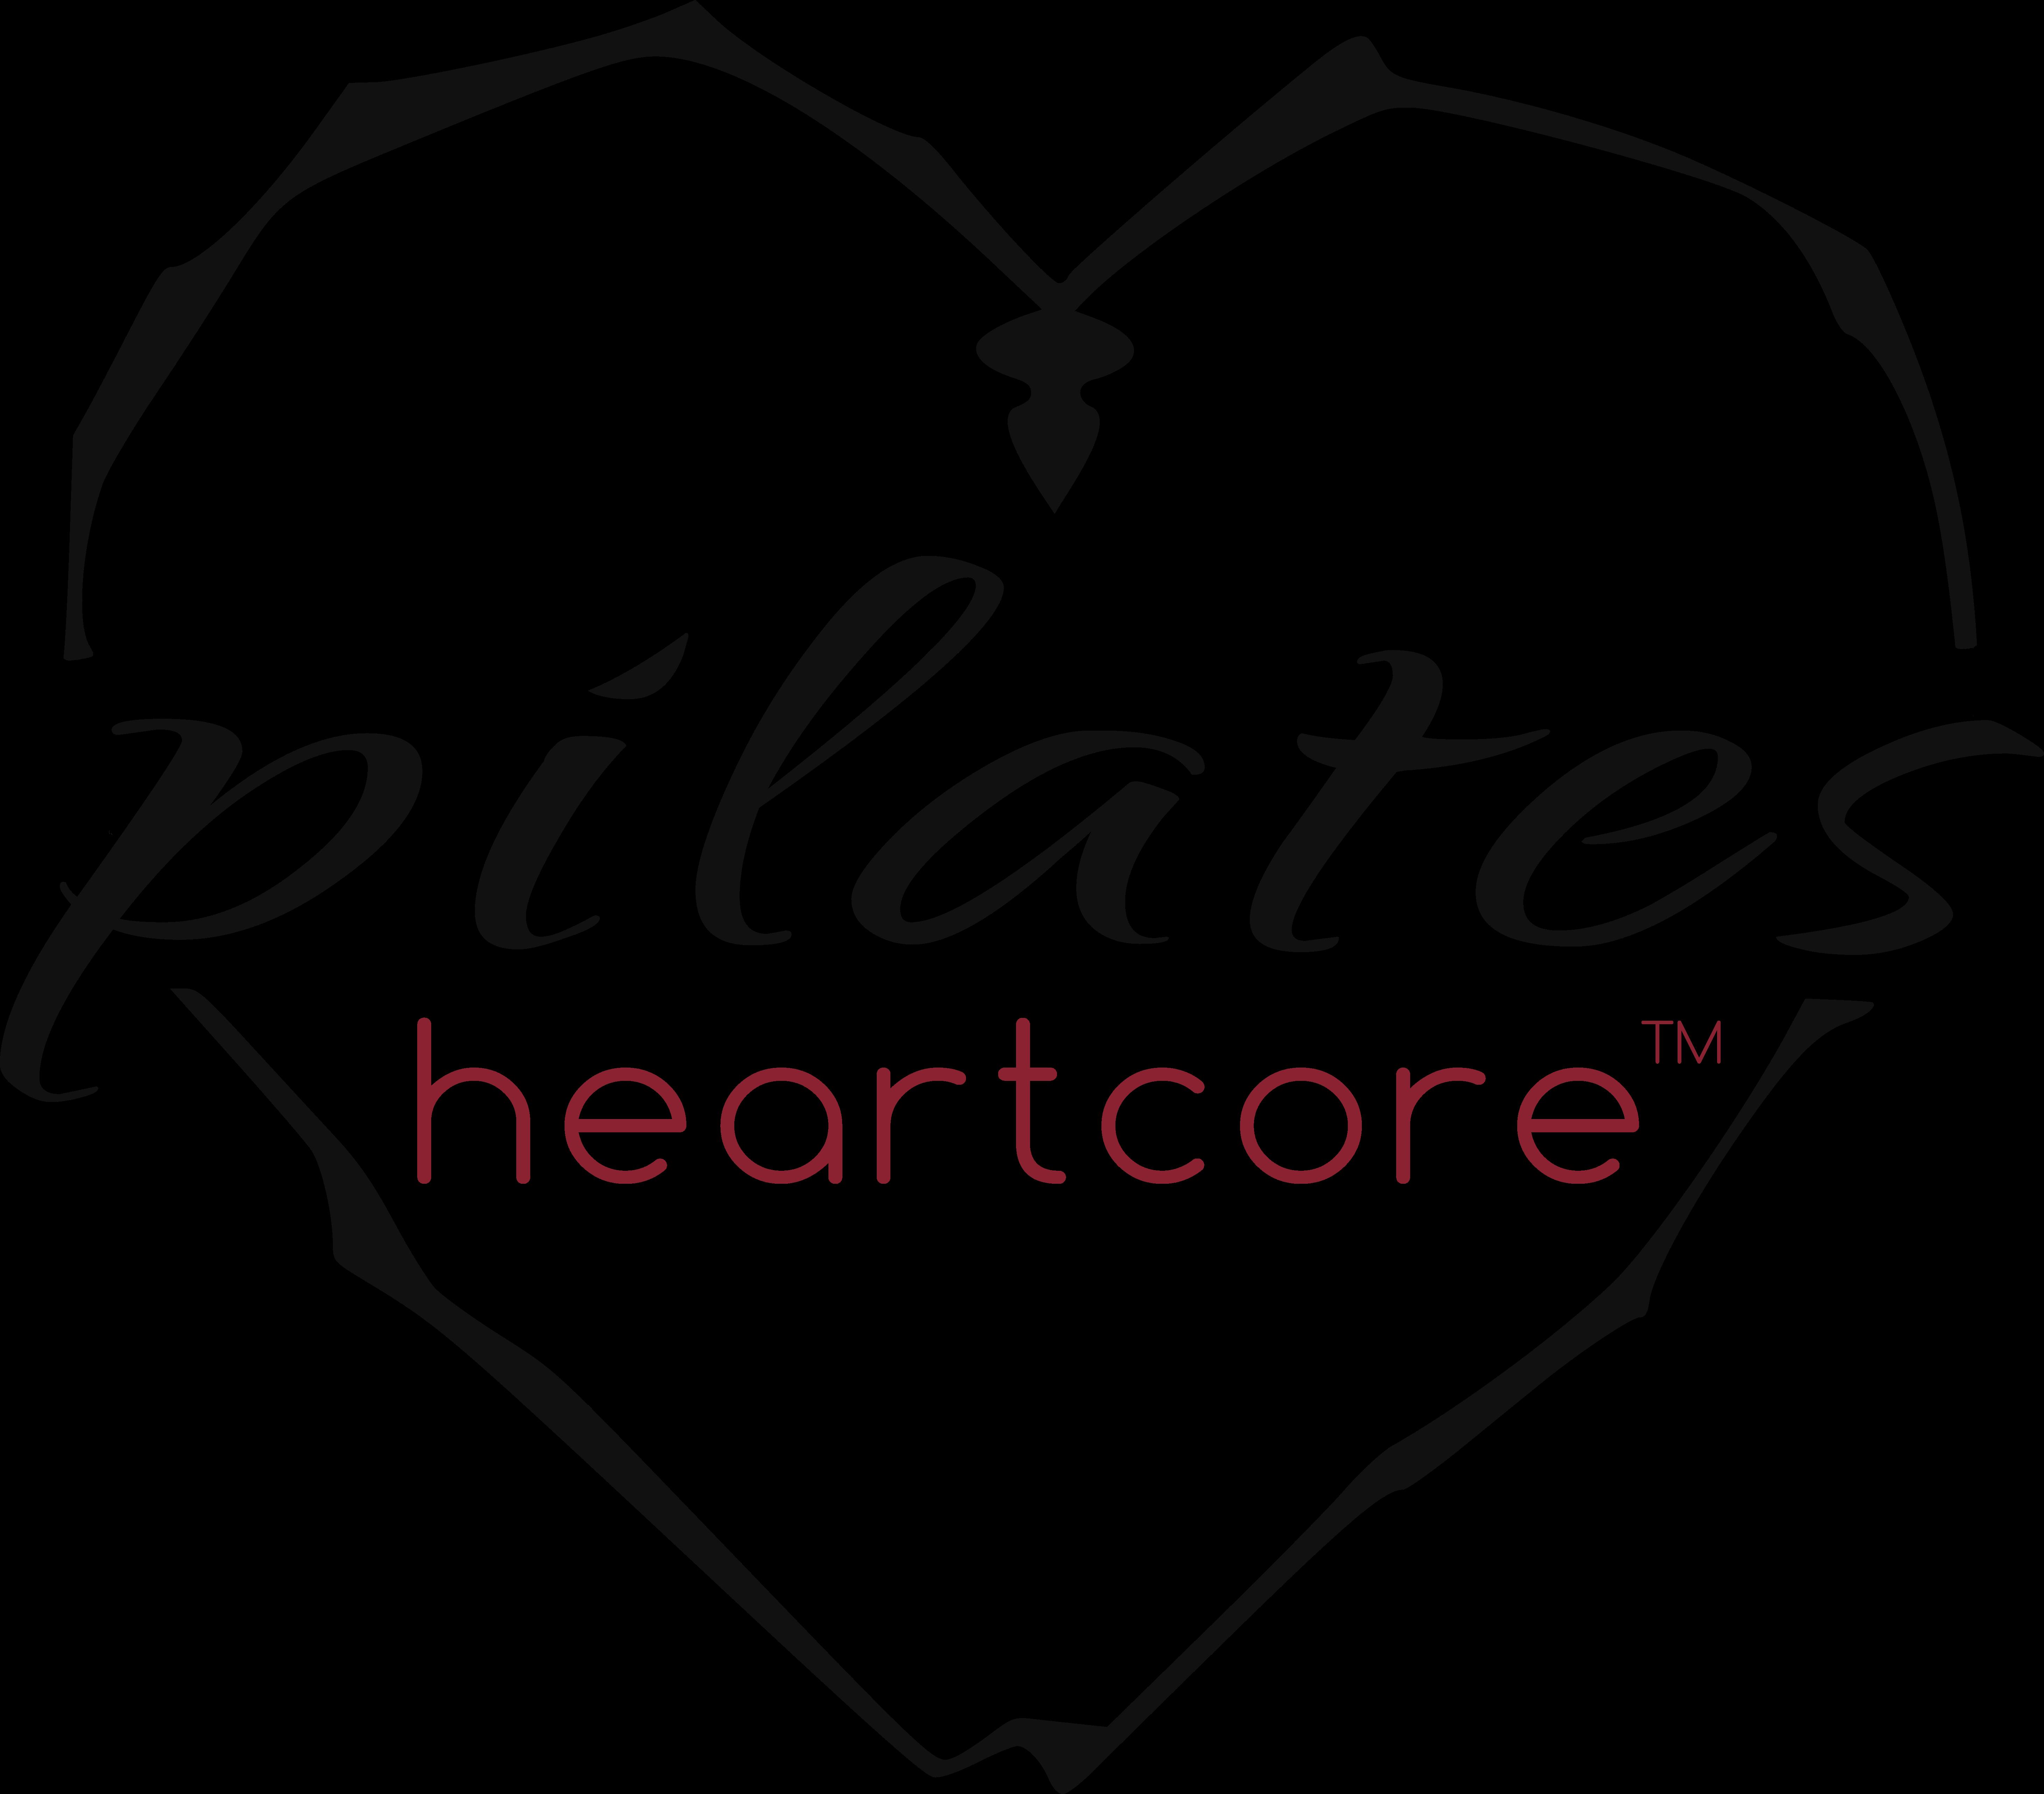 Get Heartcore!